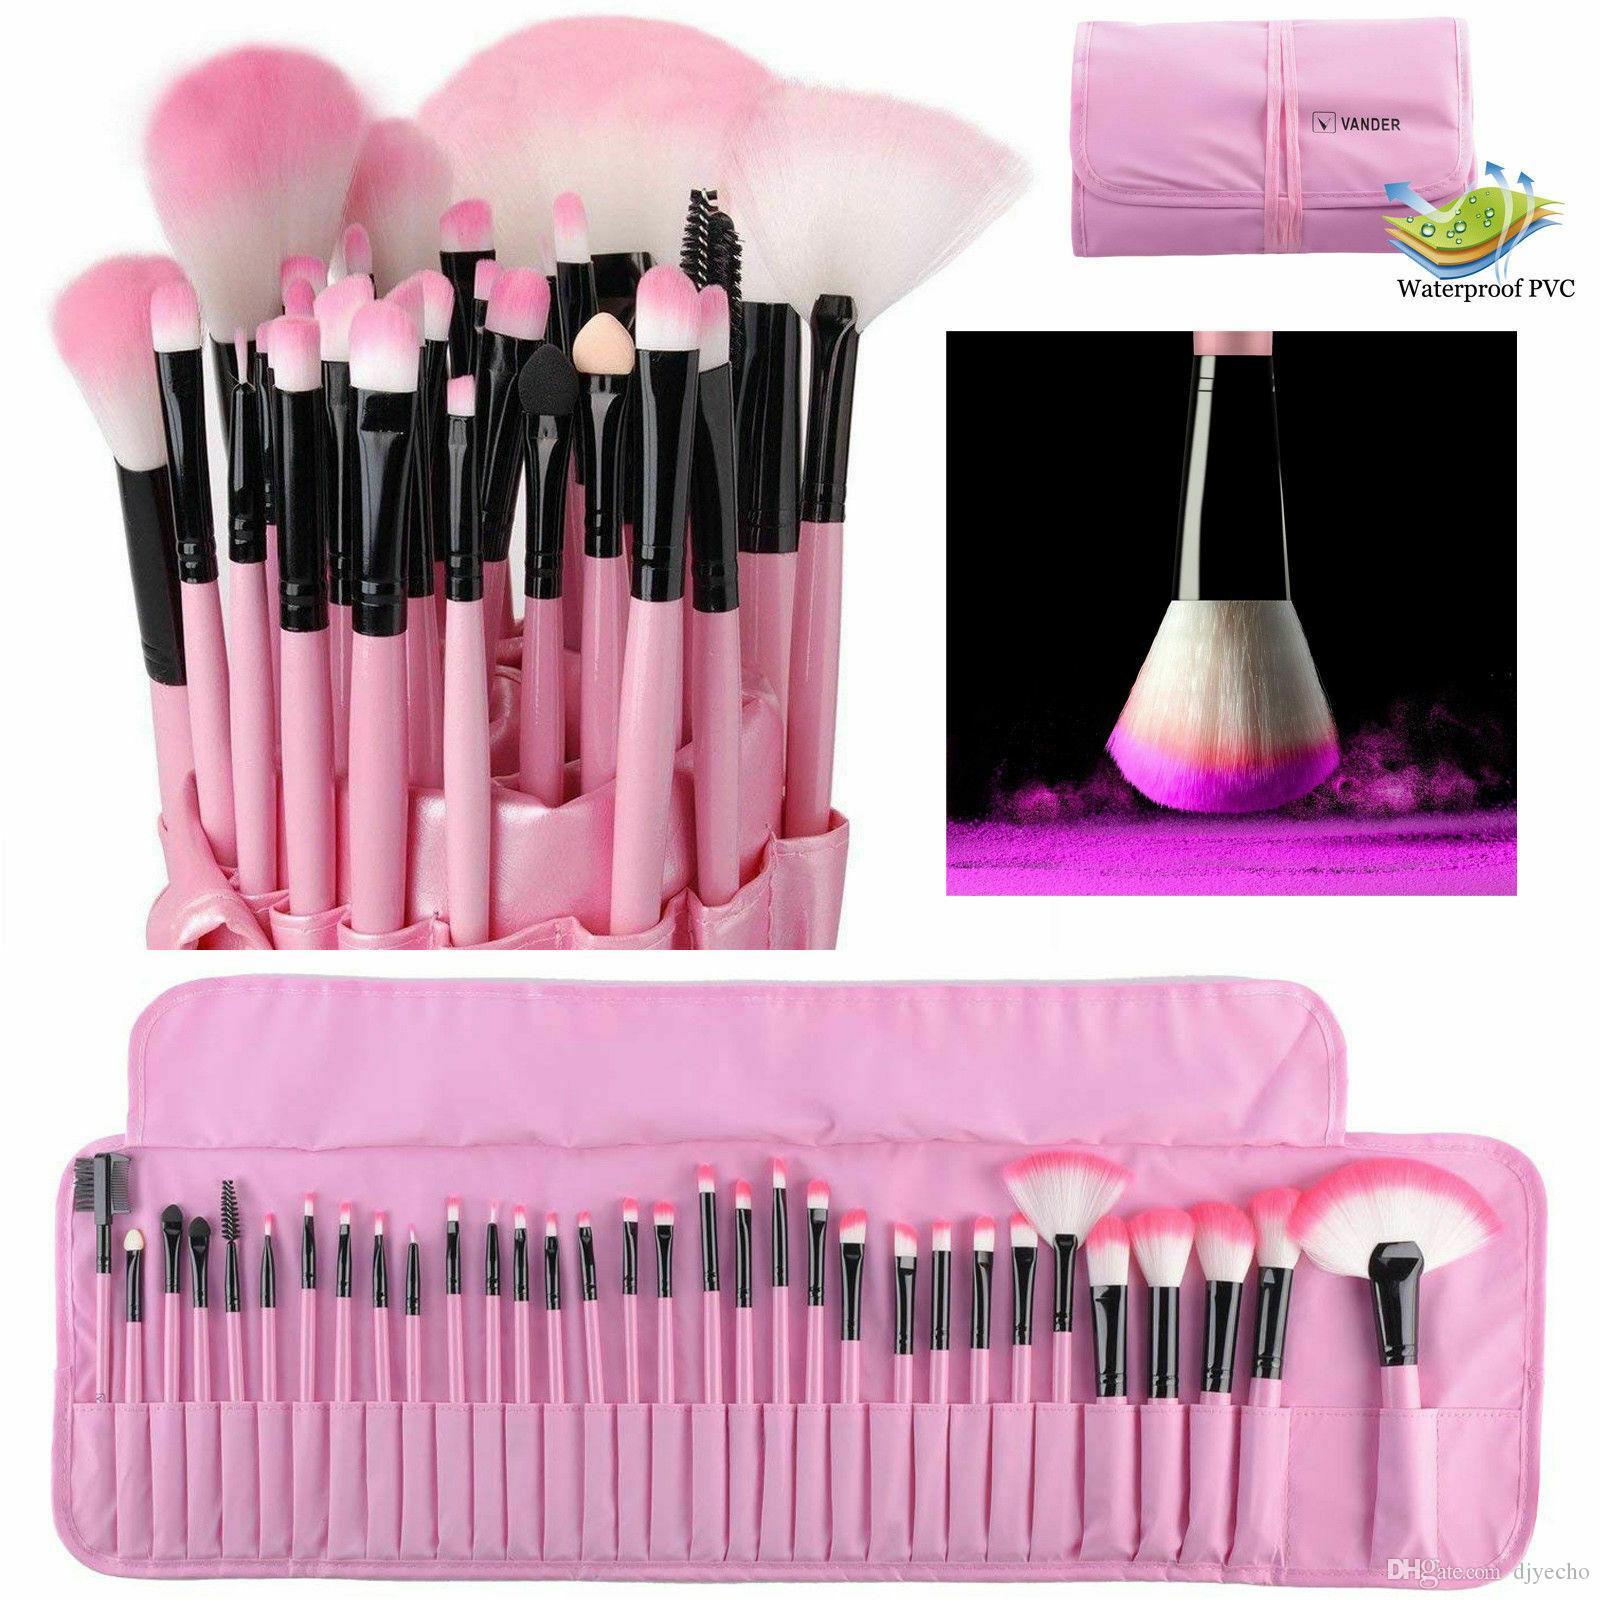 Moda 32 adet Makyaj Fırçalar Set Pembe Güzellik Şık Kozmetik Kaş Gölge Toz Pincel Makyaj Maquiagem Araçları + Kılıfı Çanta